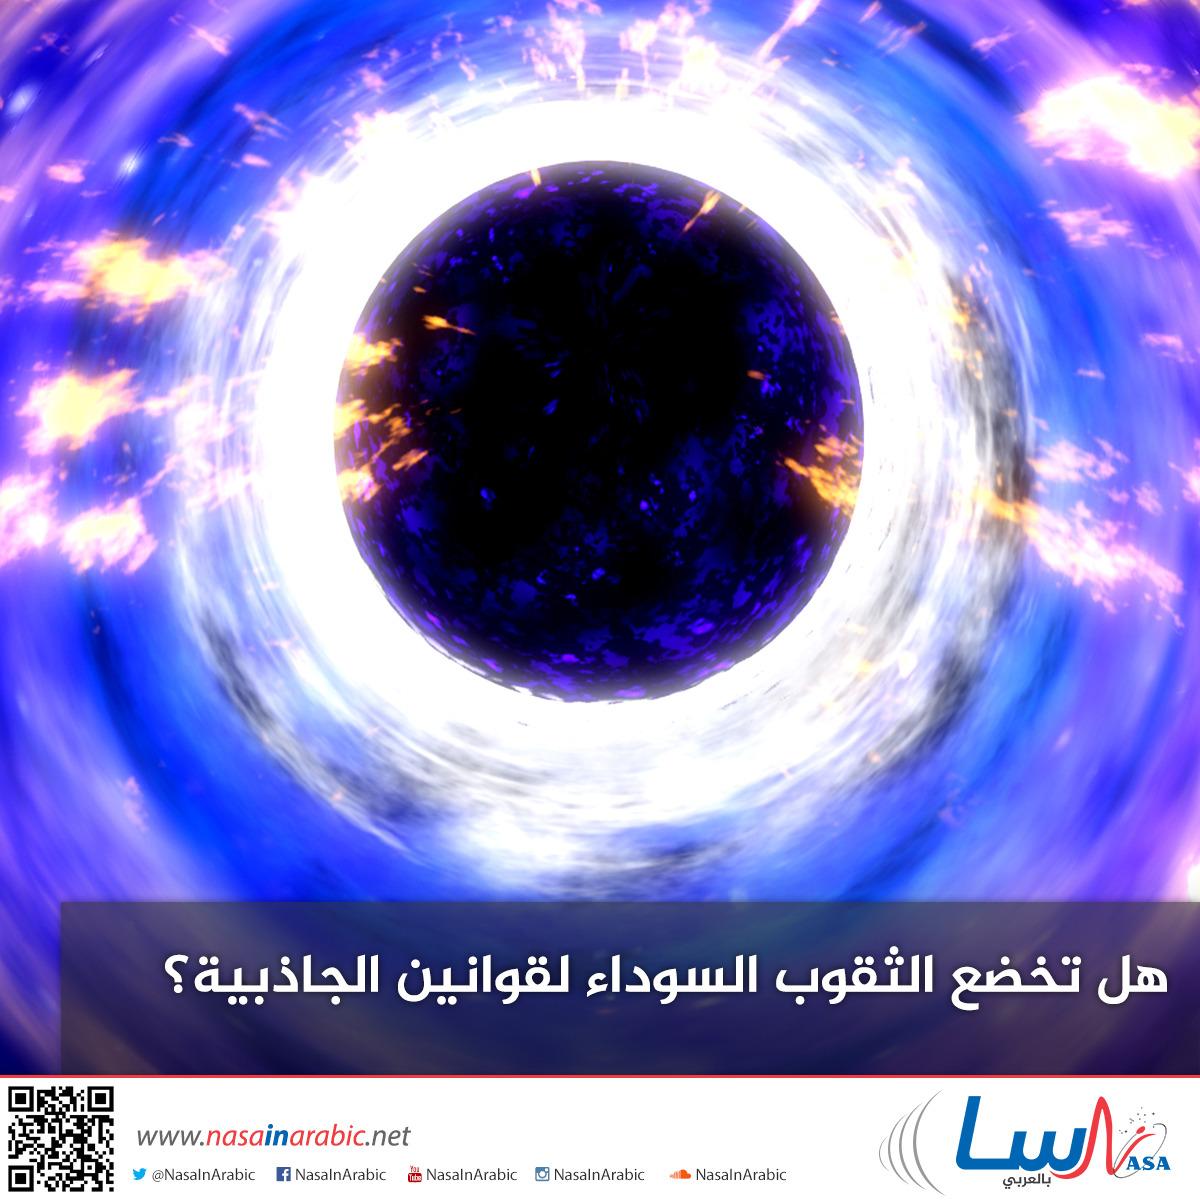 هل تخضع الثقوب السوداء لقوانين الجاذبية؟